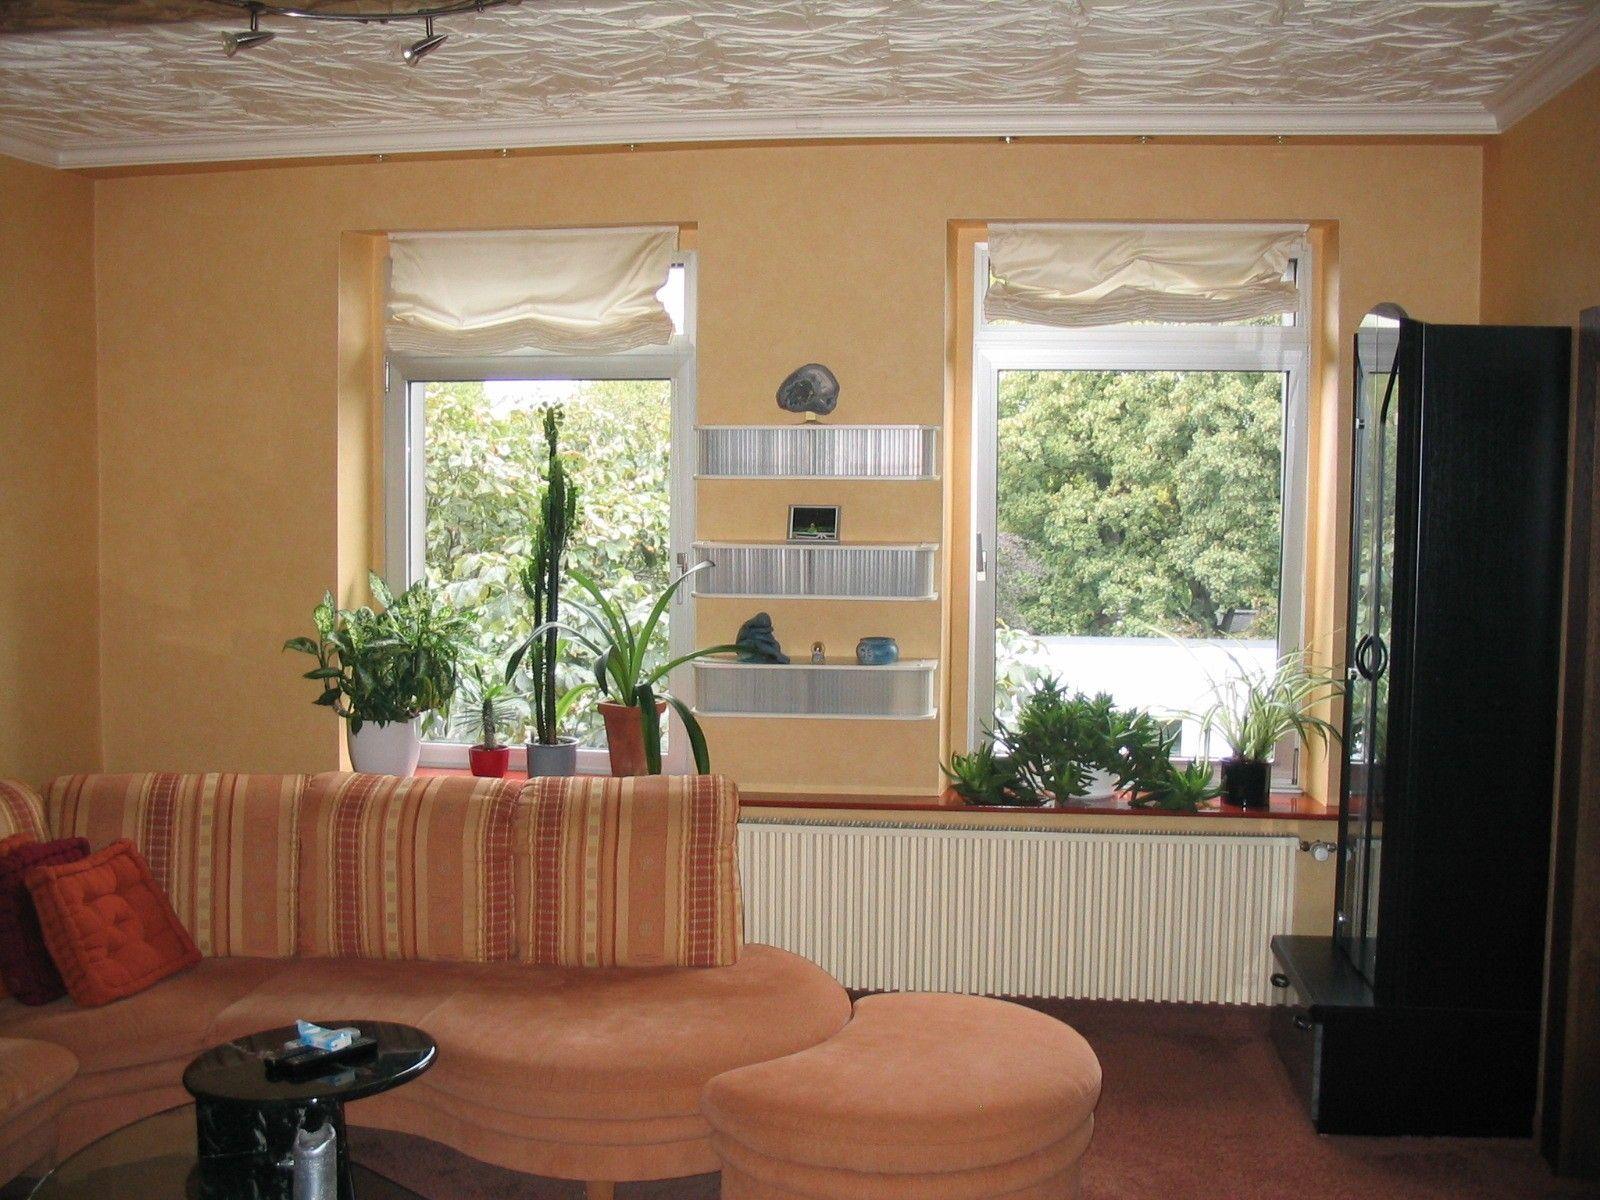 Innengestaltung Wohnzimmer \u2013 brocoli.co | Kleines wohnzimmer ...